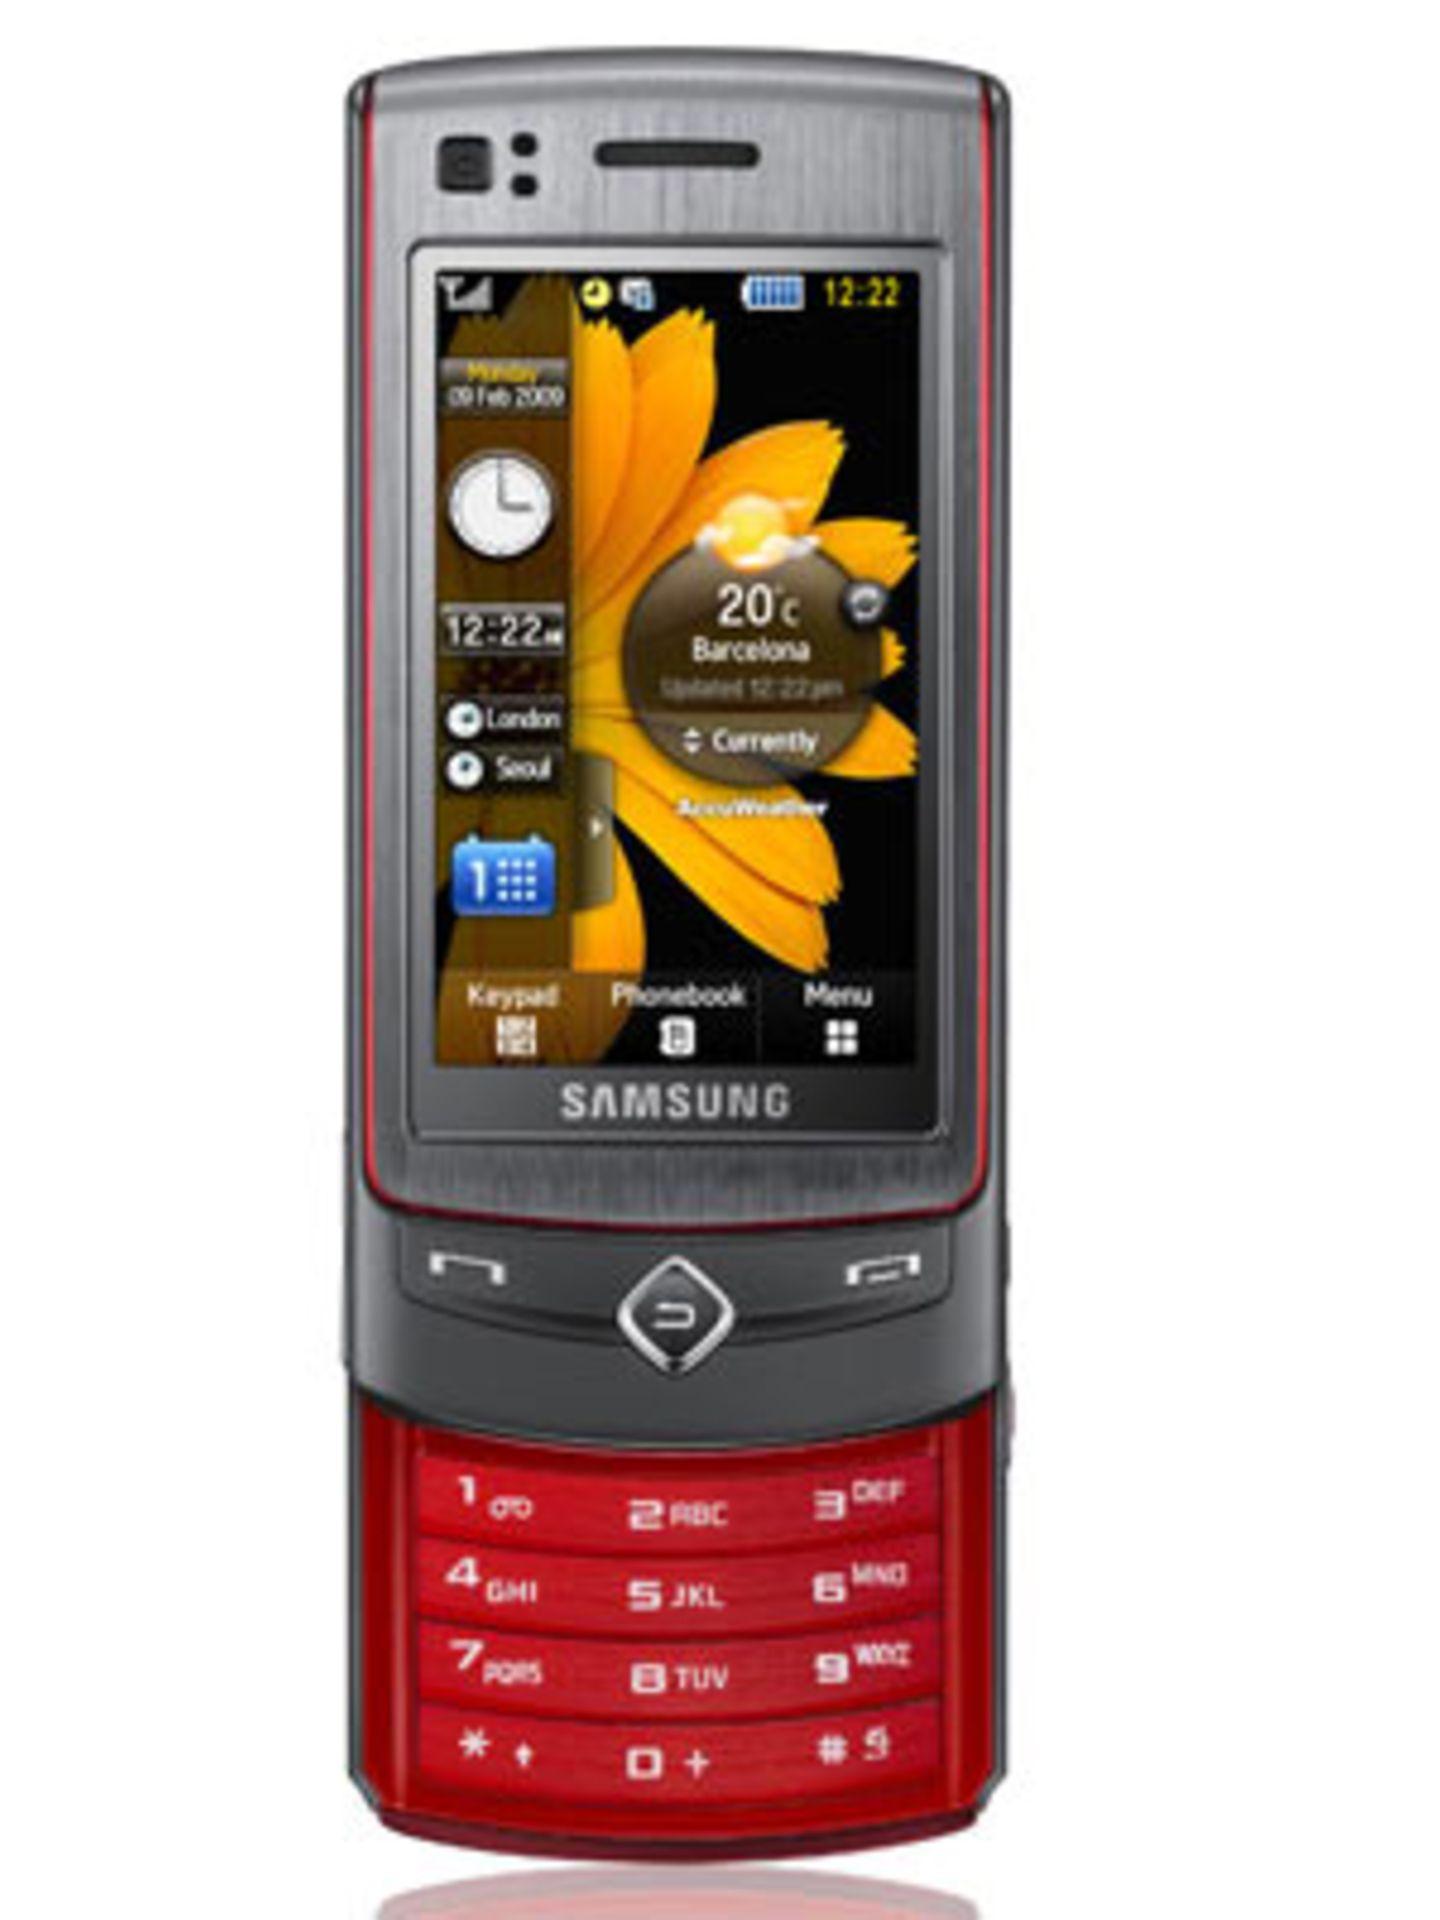 """""""Samsung Ultra Touch"""" Kompakt und edel wirkt das Ultra Touch Sliderhandy von Samsung. Das metallicfarbene Slider-Handy besitzt einen 2,8"""" Touchscreen-Display mit 16 Millionen Farben. Um 320 Euro ohne Vertrag."""